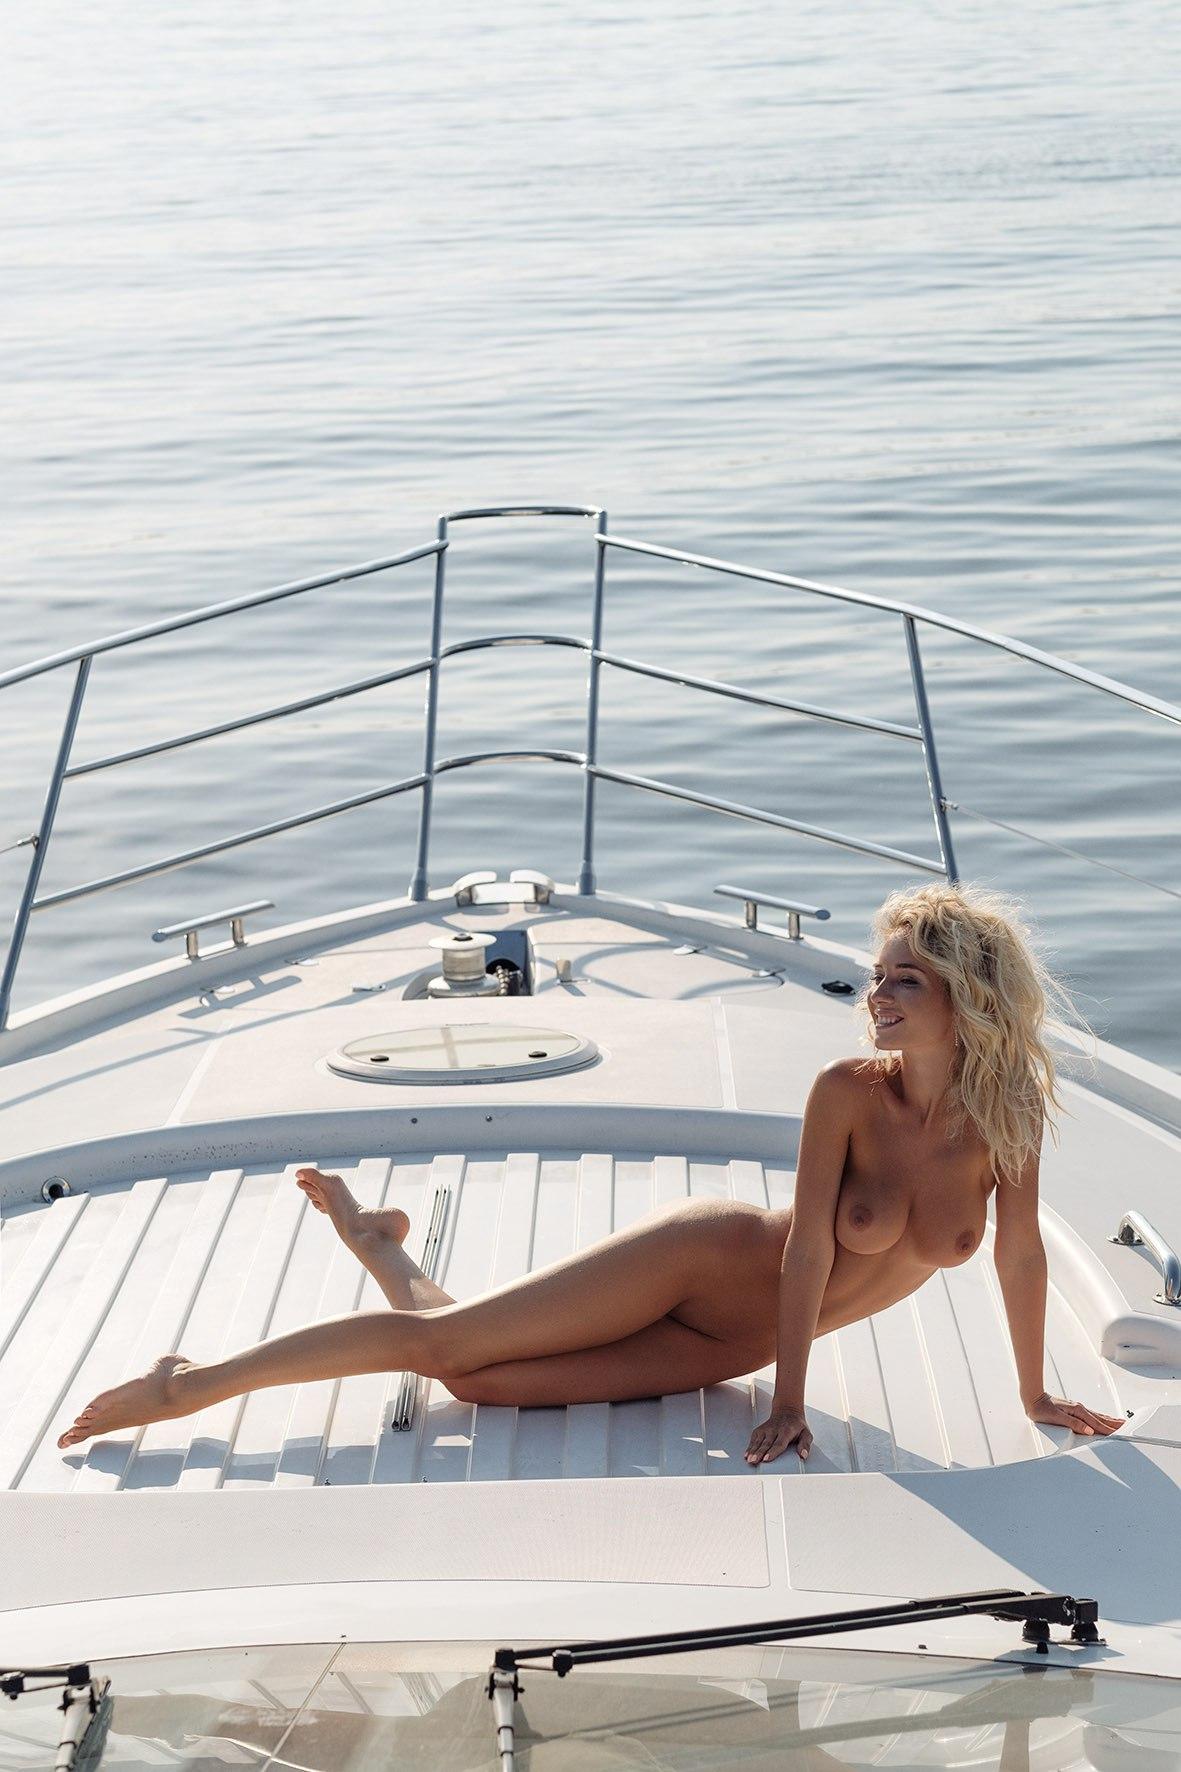 Natali Andreeva by Vladimir Serkoff